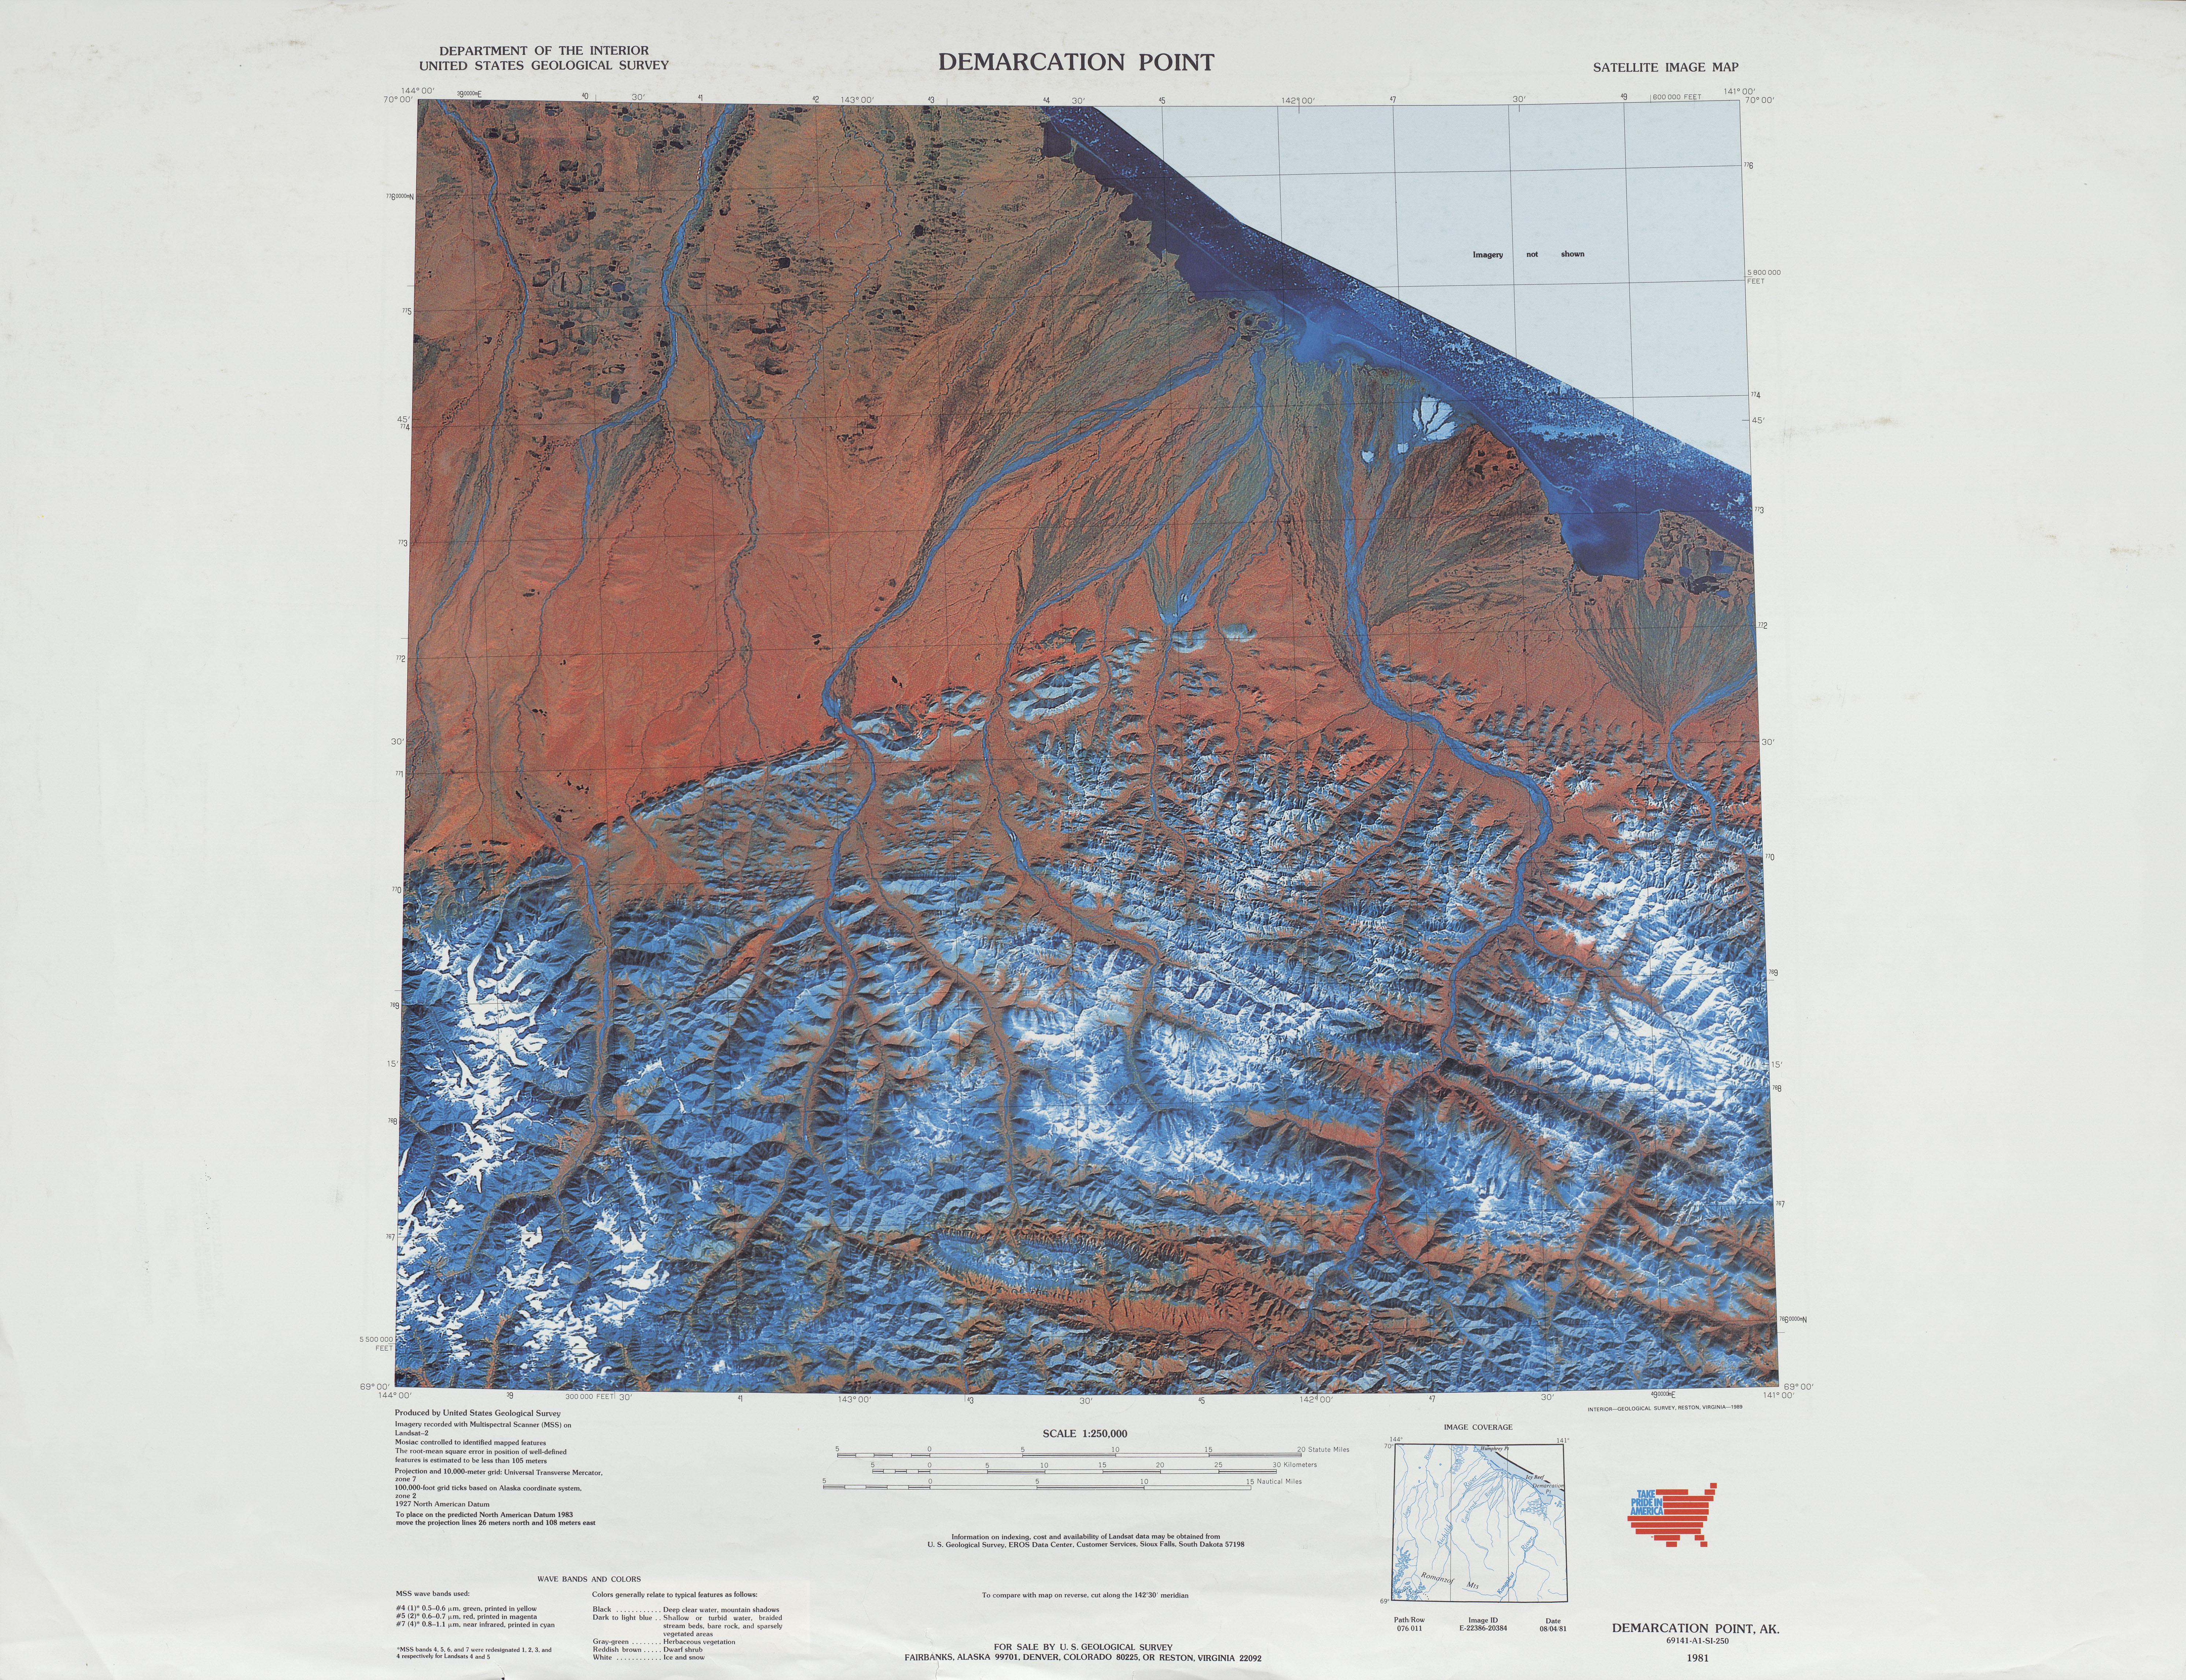 Hoja Demarcation Point de la Imagen Satelital de los Estados Unidos 1983